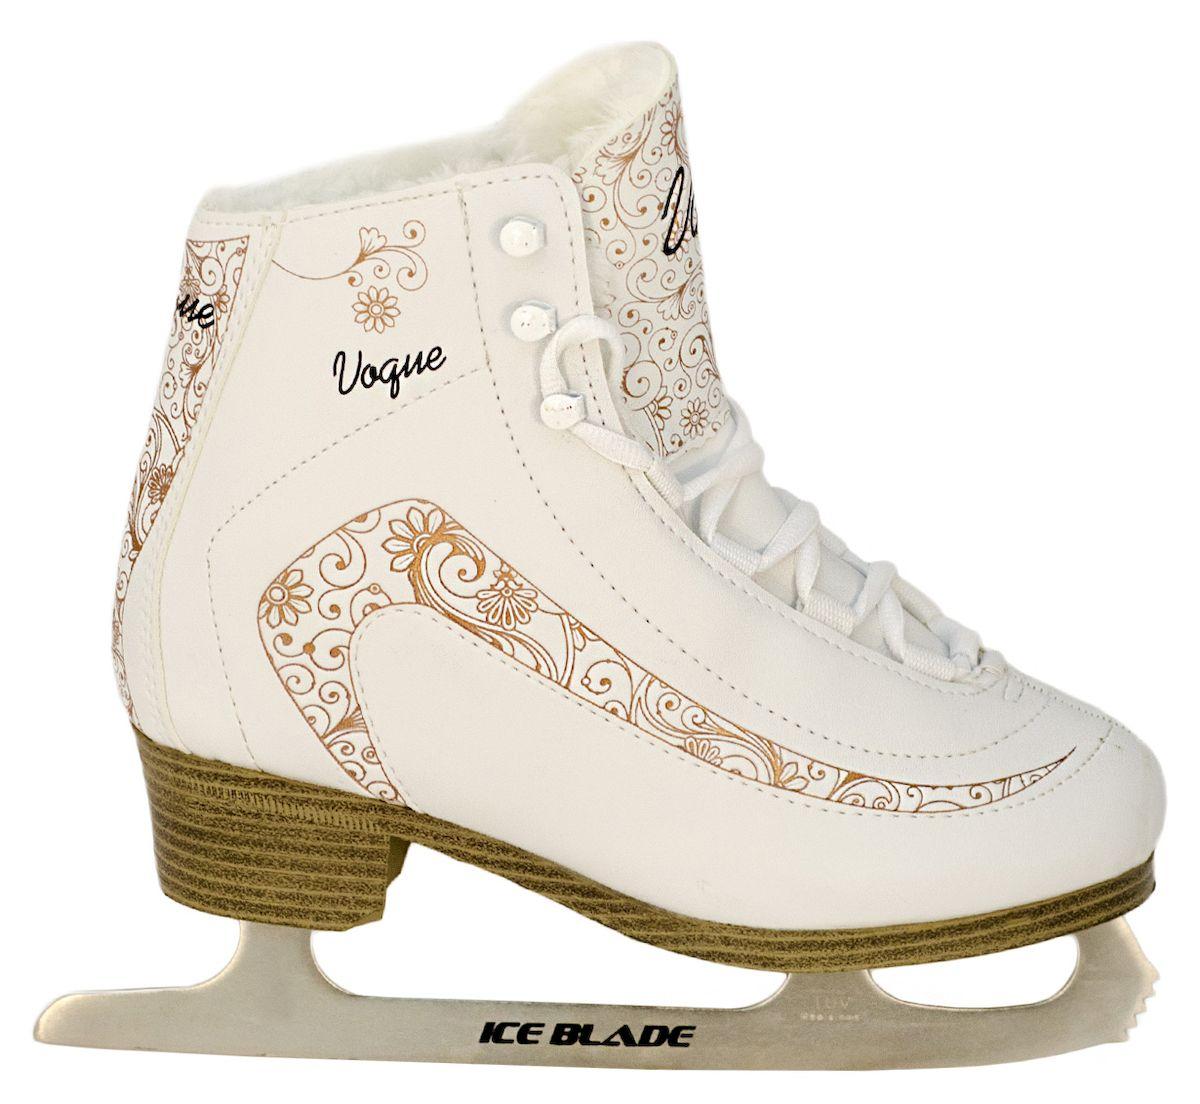 Коньки фигурные Ice Blade Vogue, цвет: белый, золотой. УТ-00006871. Размер 37 сызранова в е ред me to you мишкина книжка